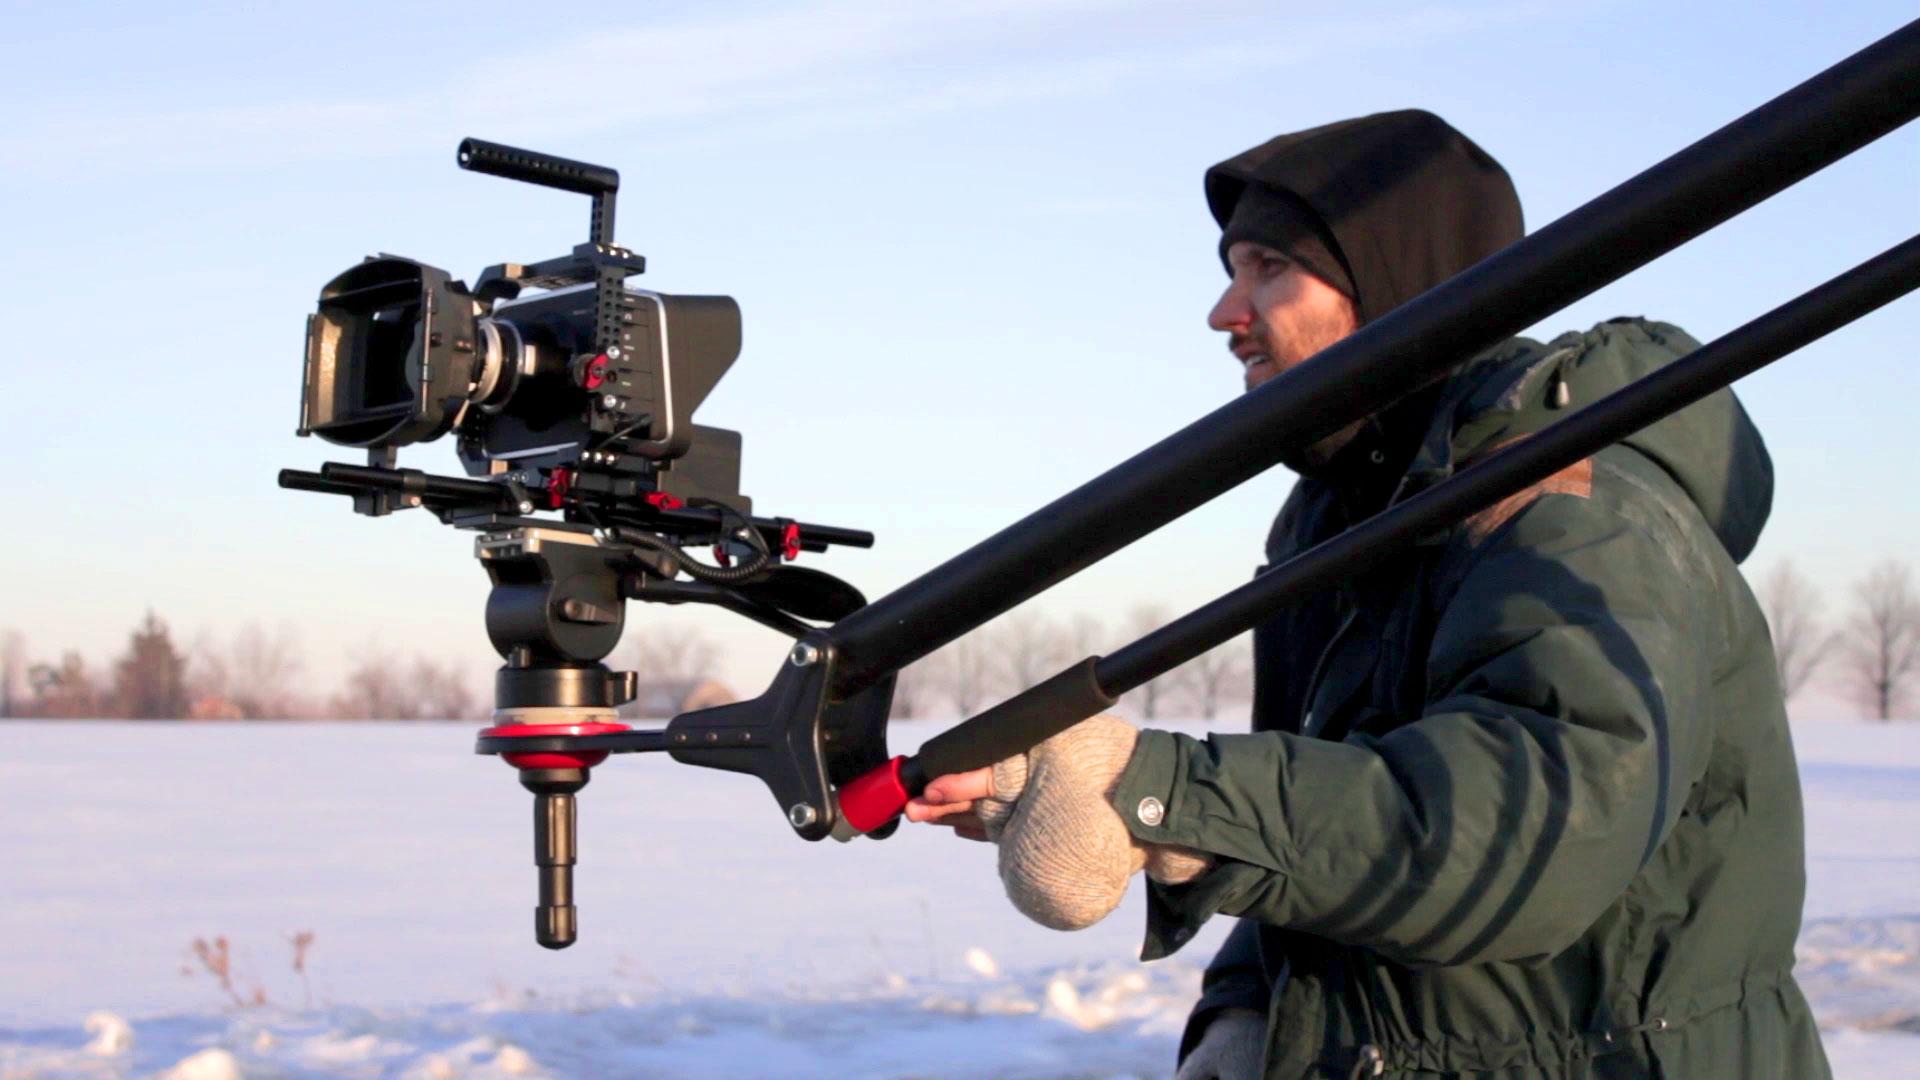 Camera Cranes Amp Jibs Came Tom Antos Films